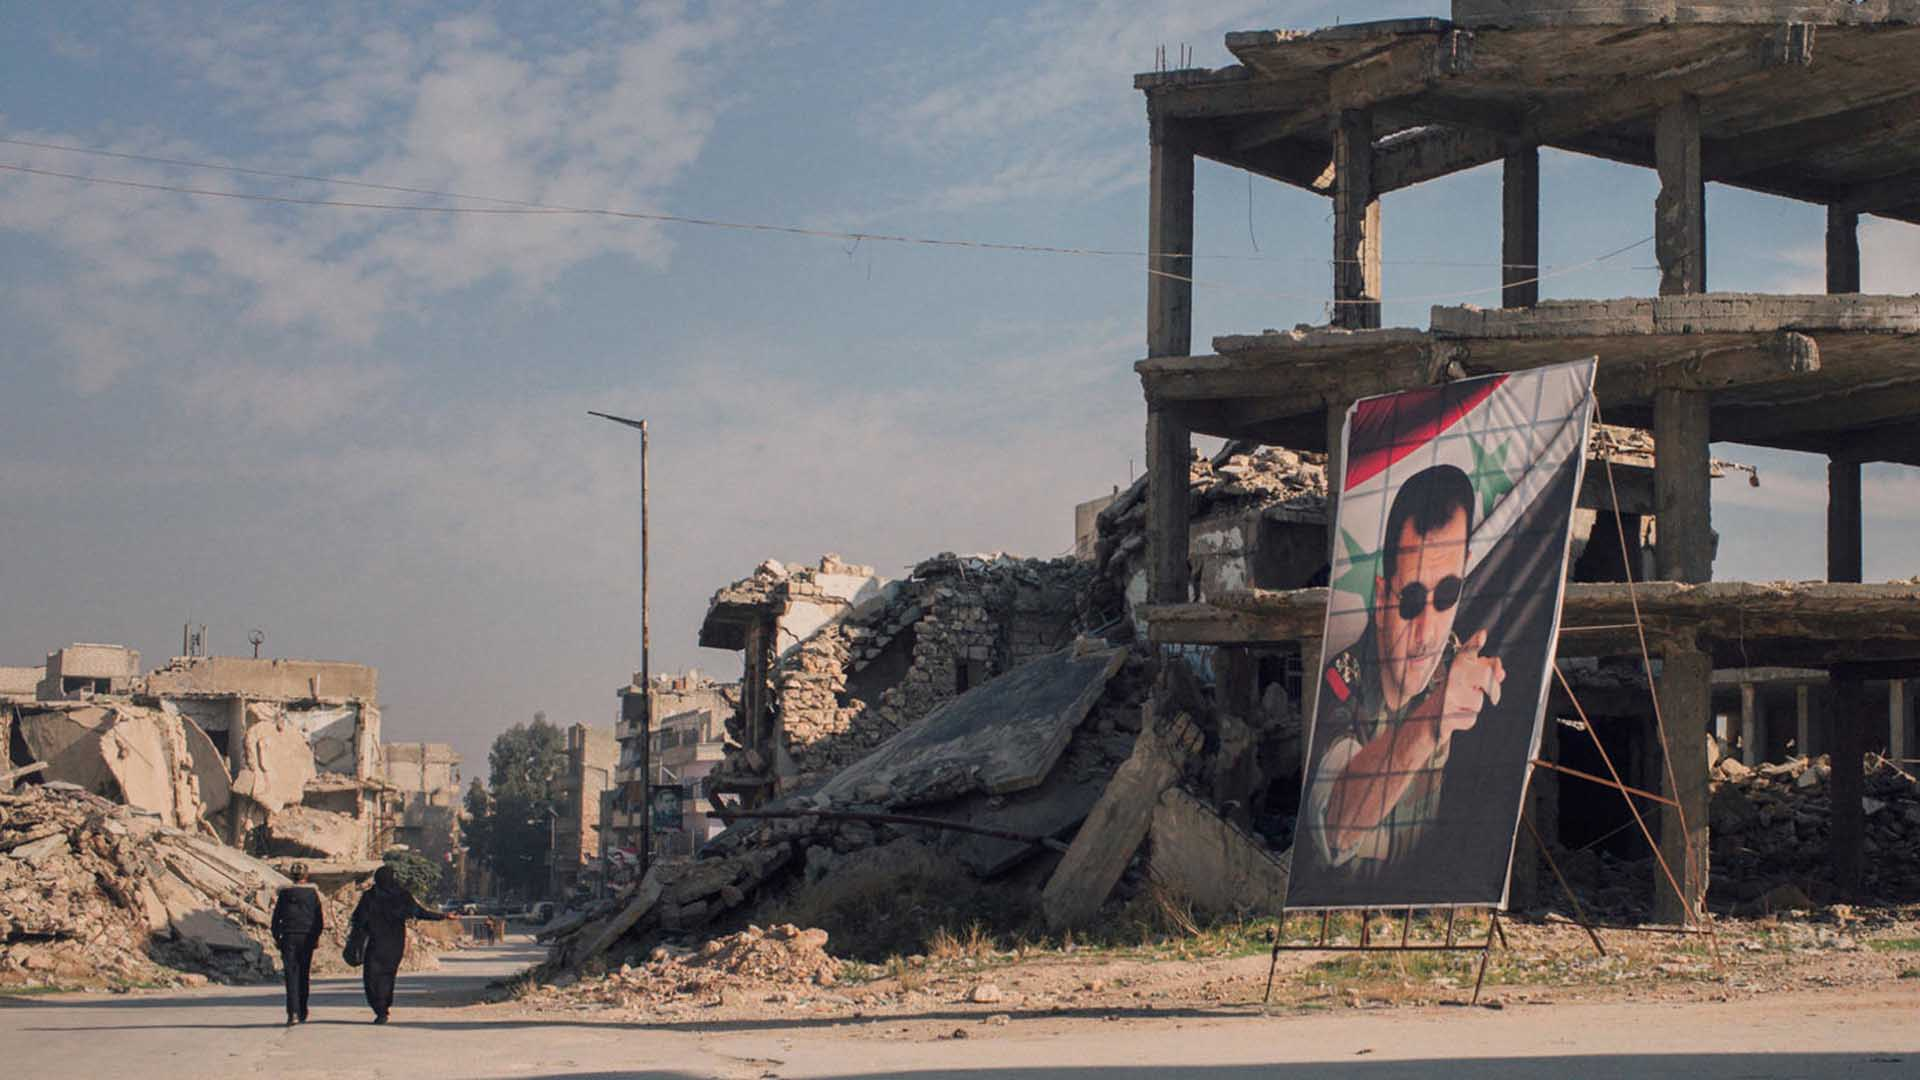 كيف يُعاد بناء سورية بعد عشر سنوات من الحرب؟